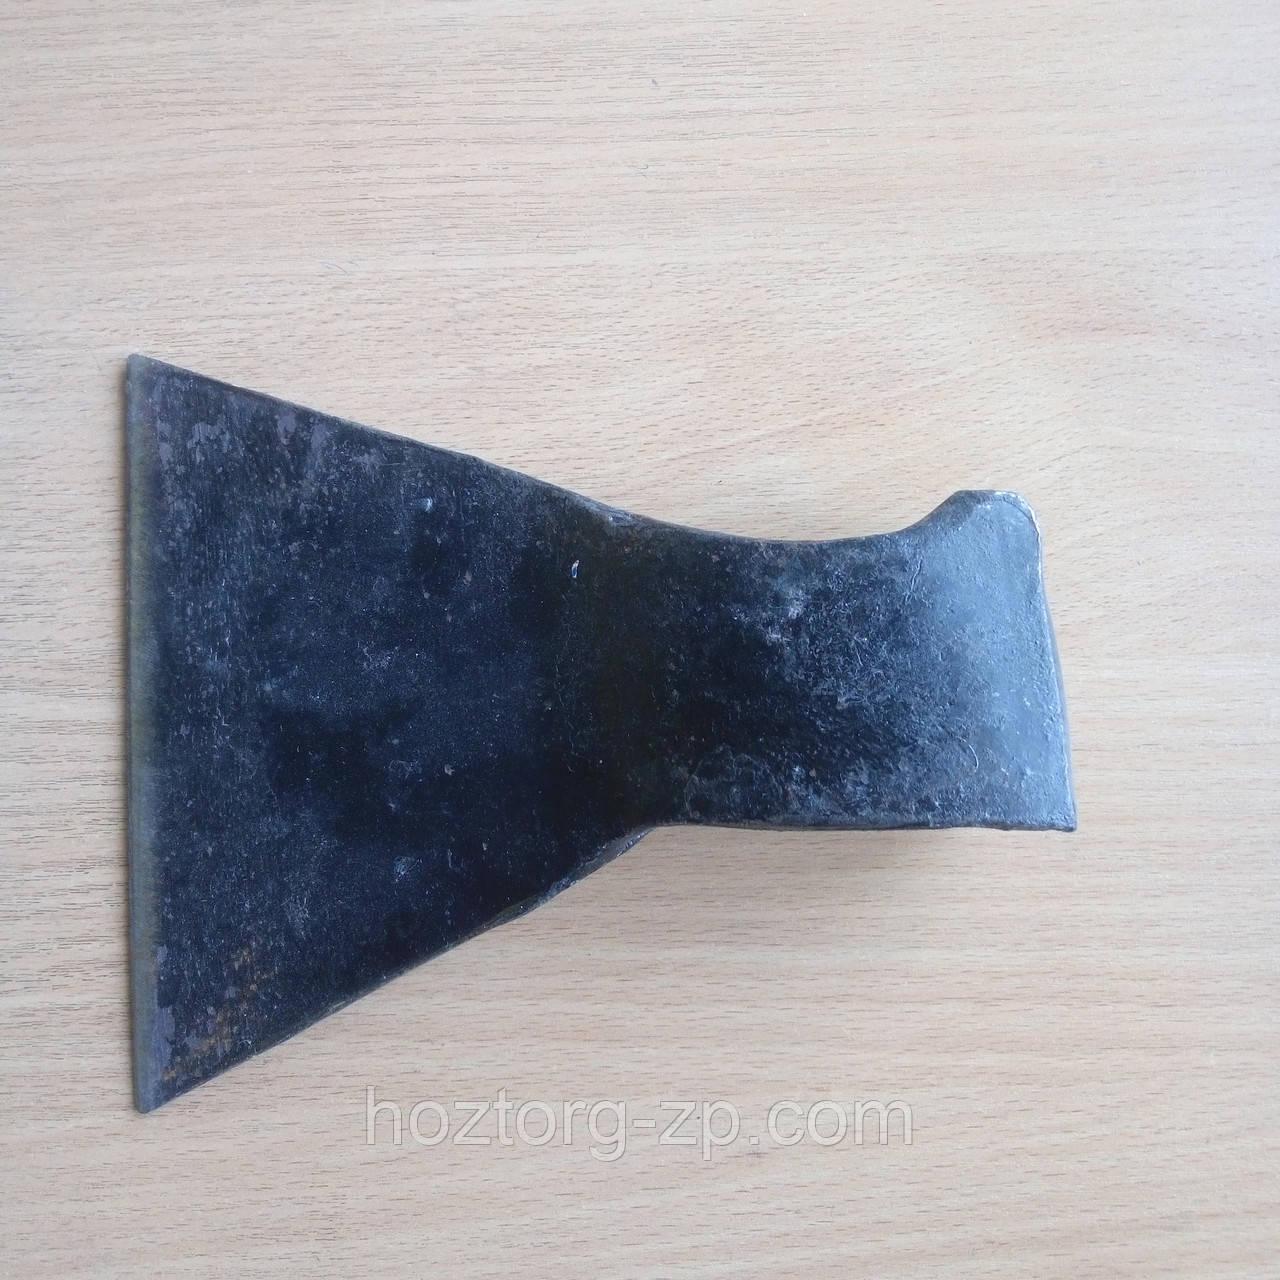 Топор кованый  1,10 кг